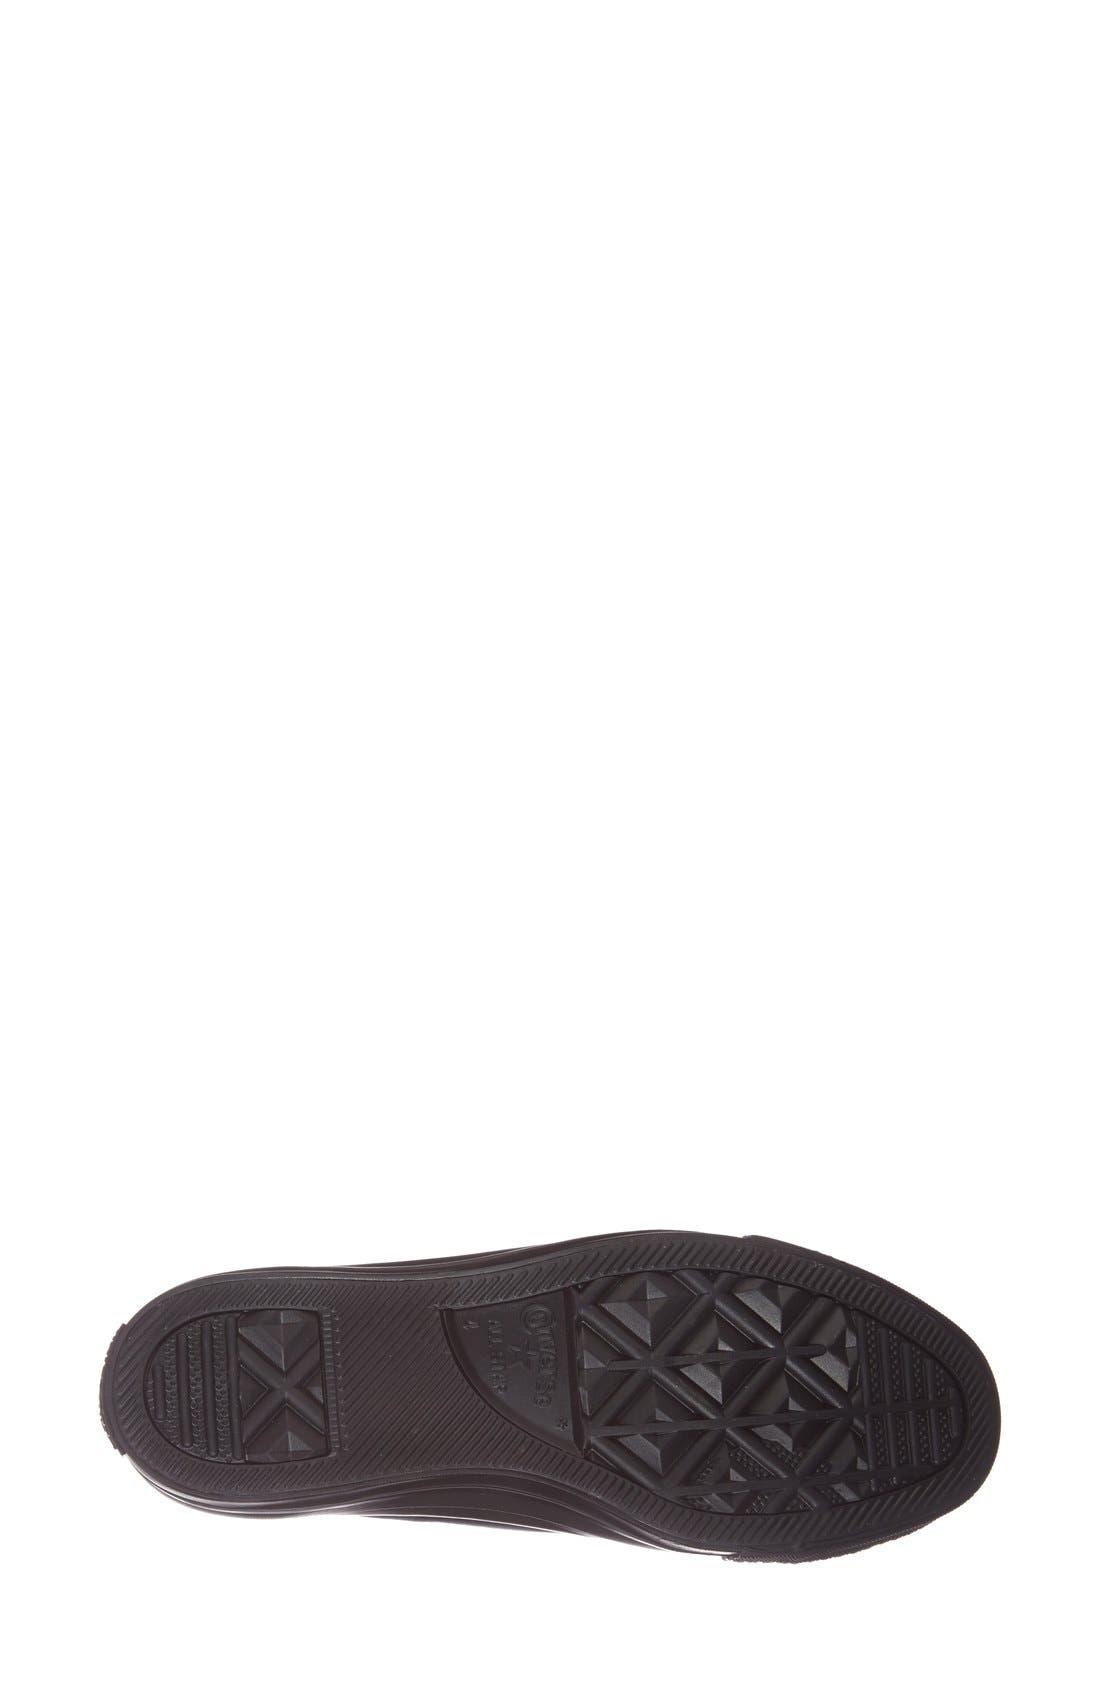 Alternate Image 4  - Chuck Taylor® All Star® Waterproof Rubber Rain Sneaker (Women)